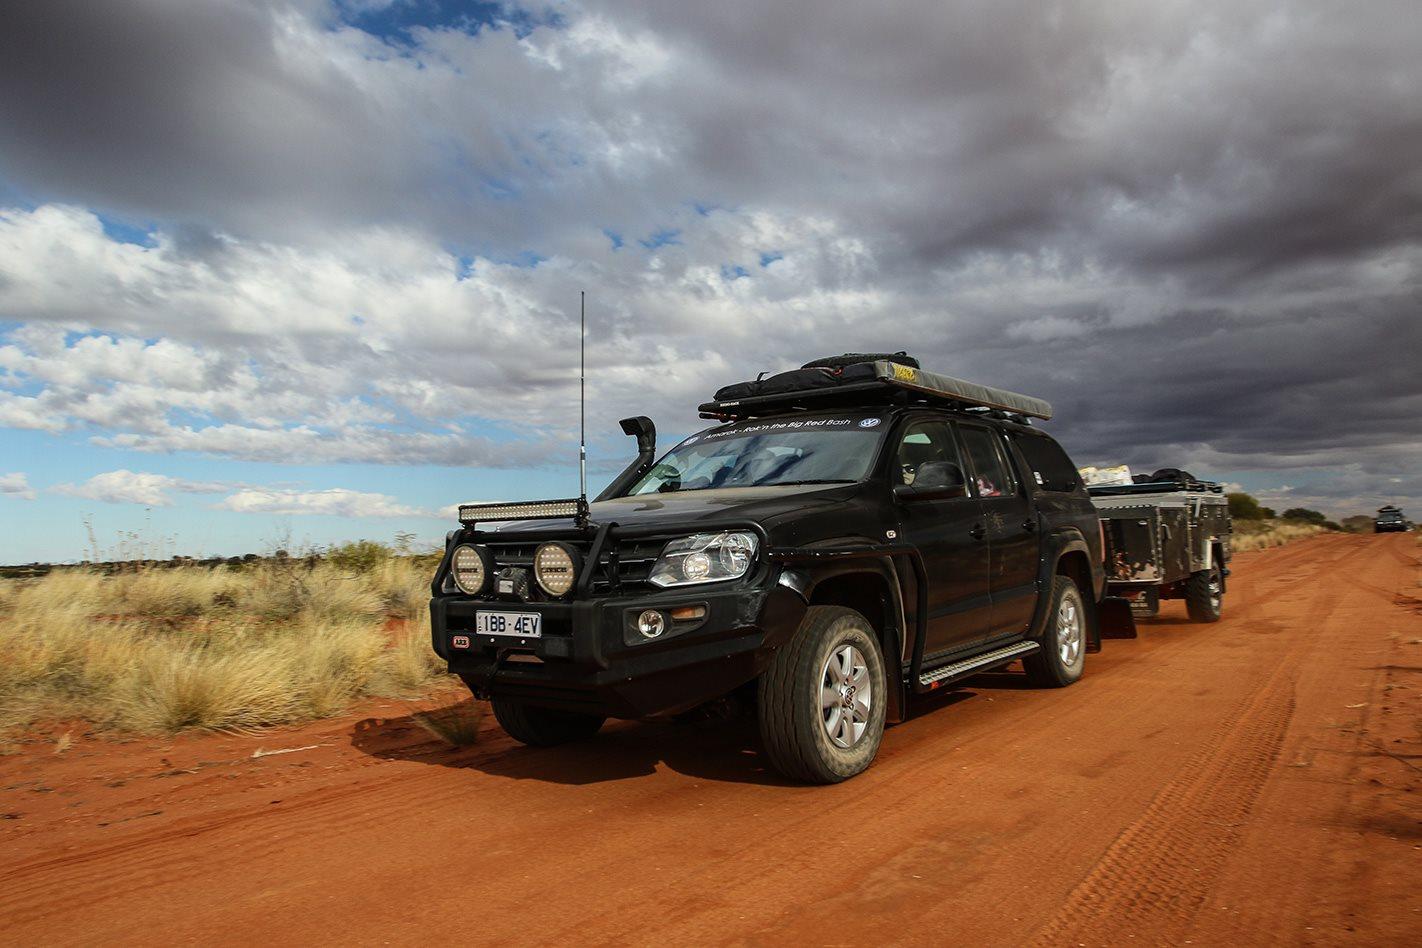 Volkswagen Amarok with camper trailer